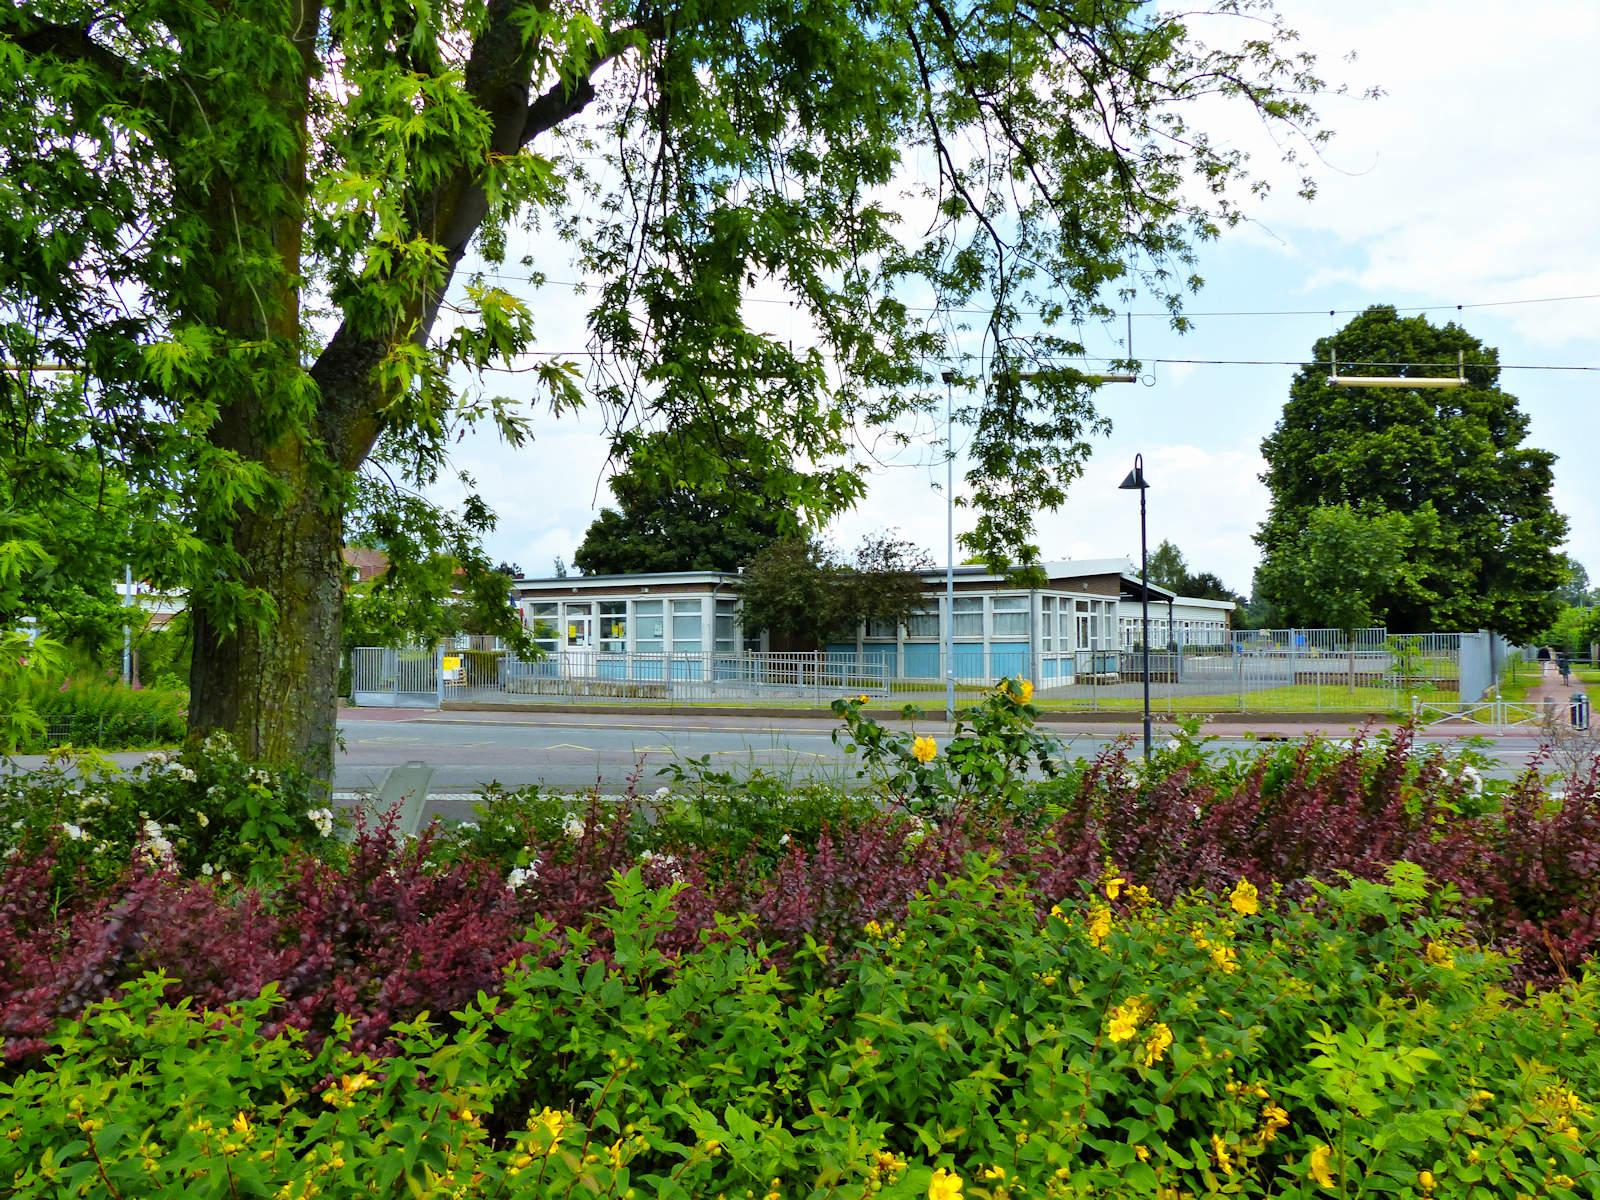 École Paul Claudel, Tourcoing - Maternelle publique